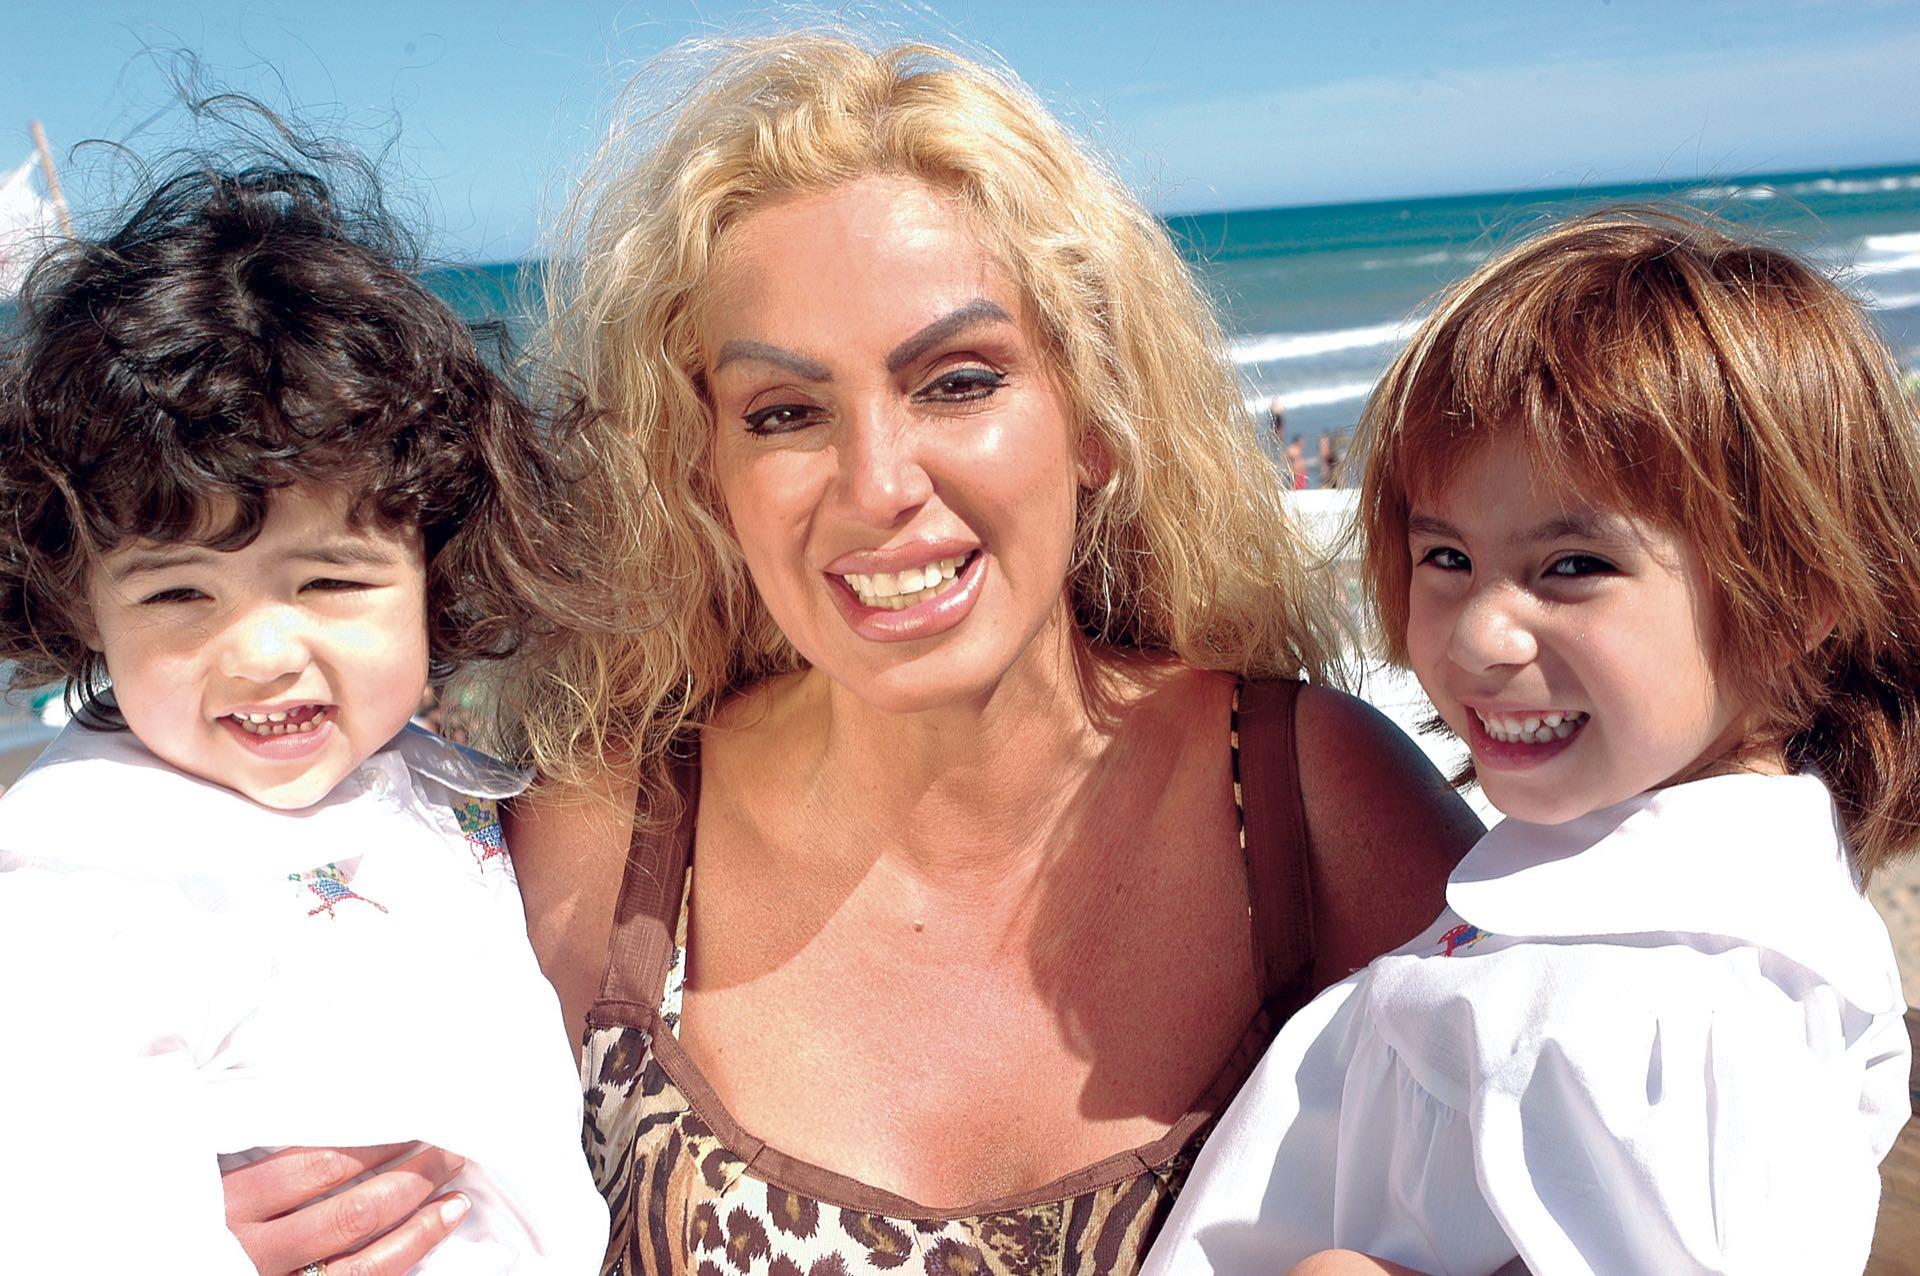 Un verano en la costa argentina con sus nenas, por entonces de dos y cuatro años. (Foto Archivo Atlántida Televisa)